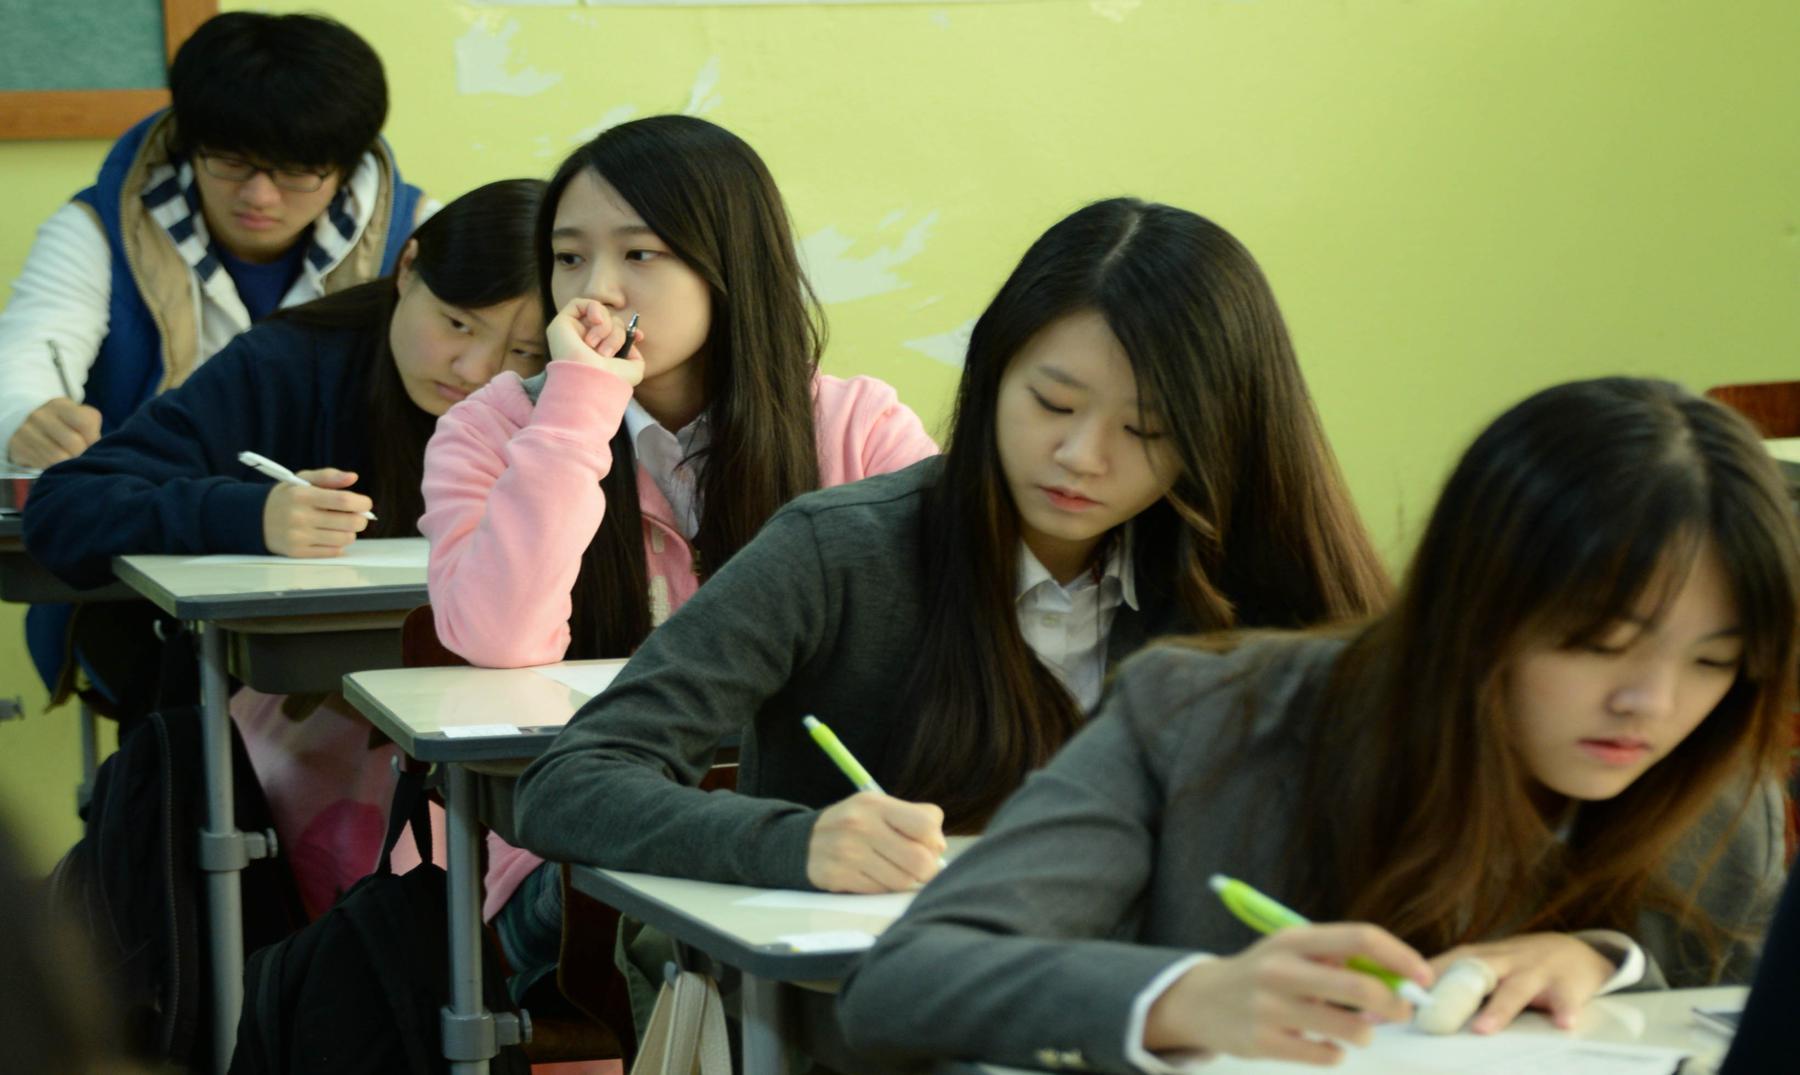 por qu se suicidan tantos estudiantes surcoreanos